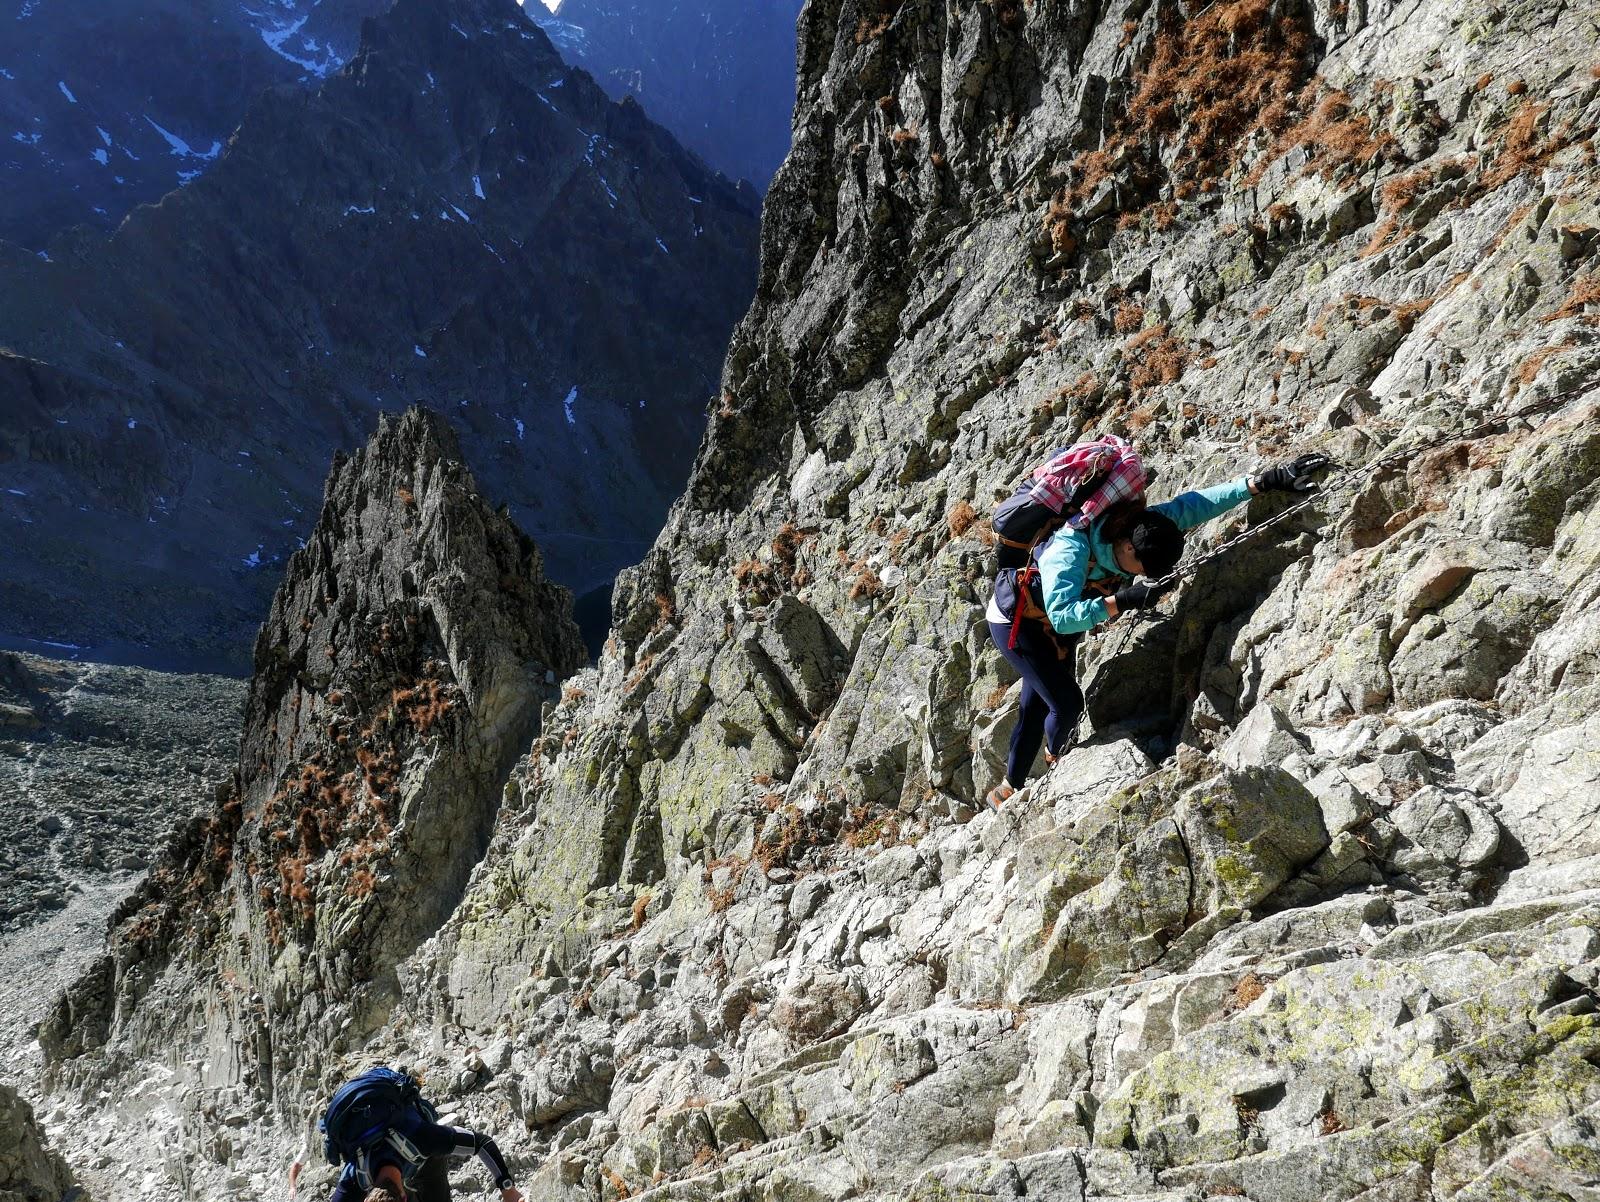 tatry szlak Rohatka Prielom panorama foto klamry łańcuchy